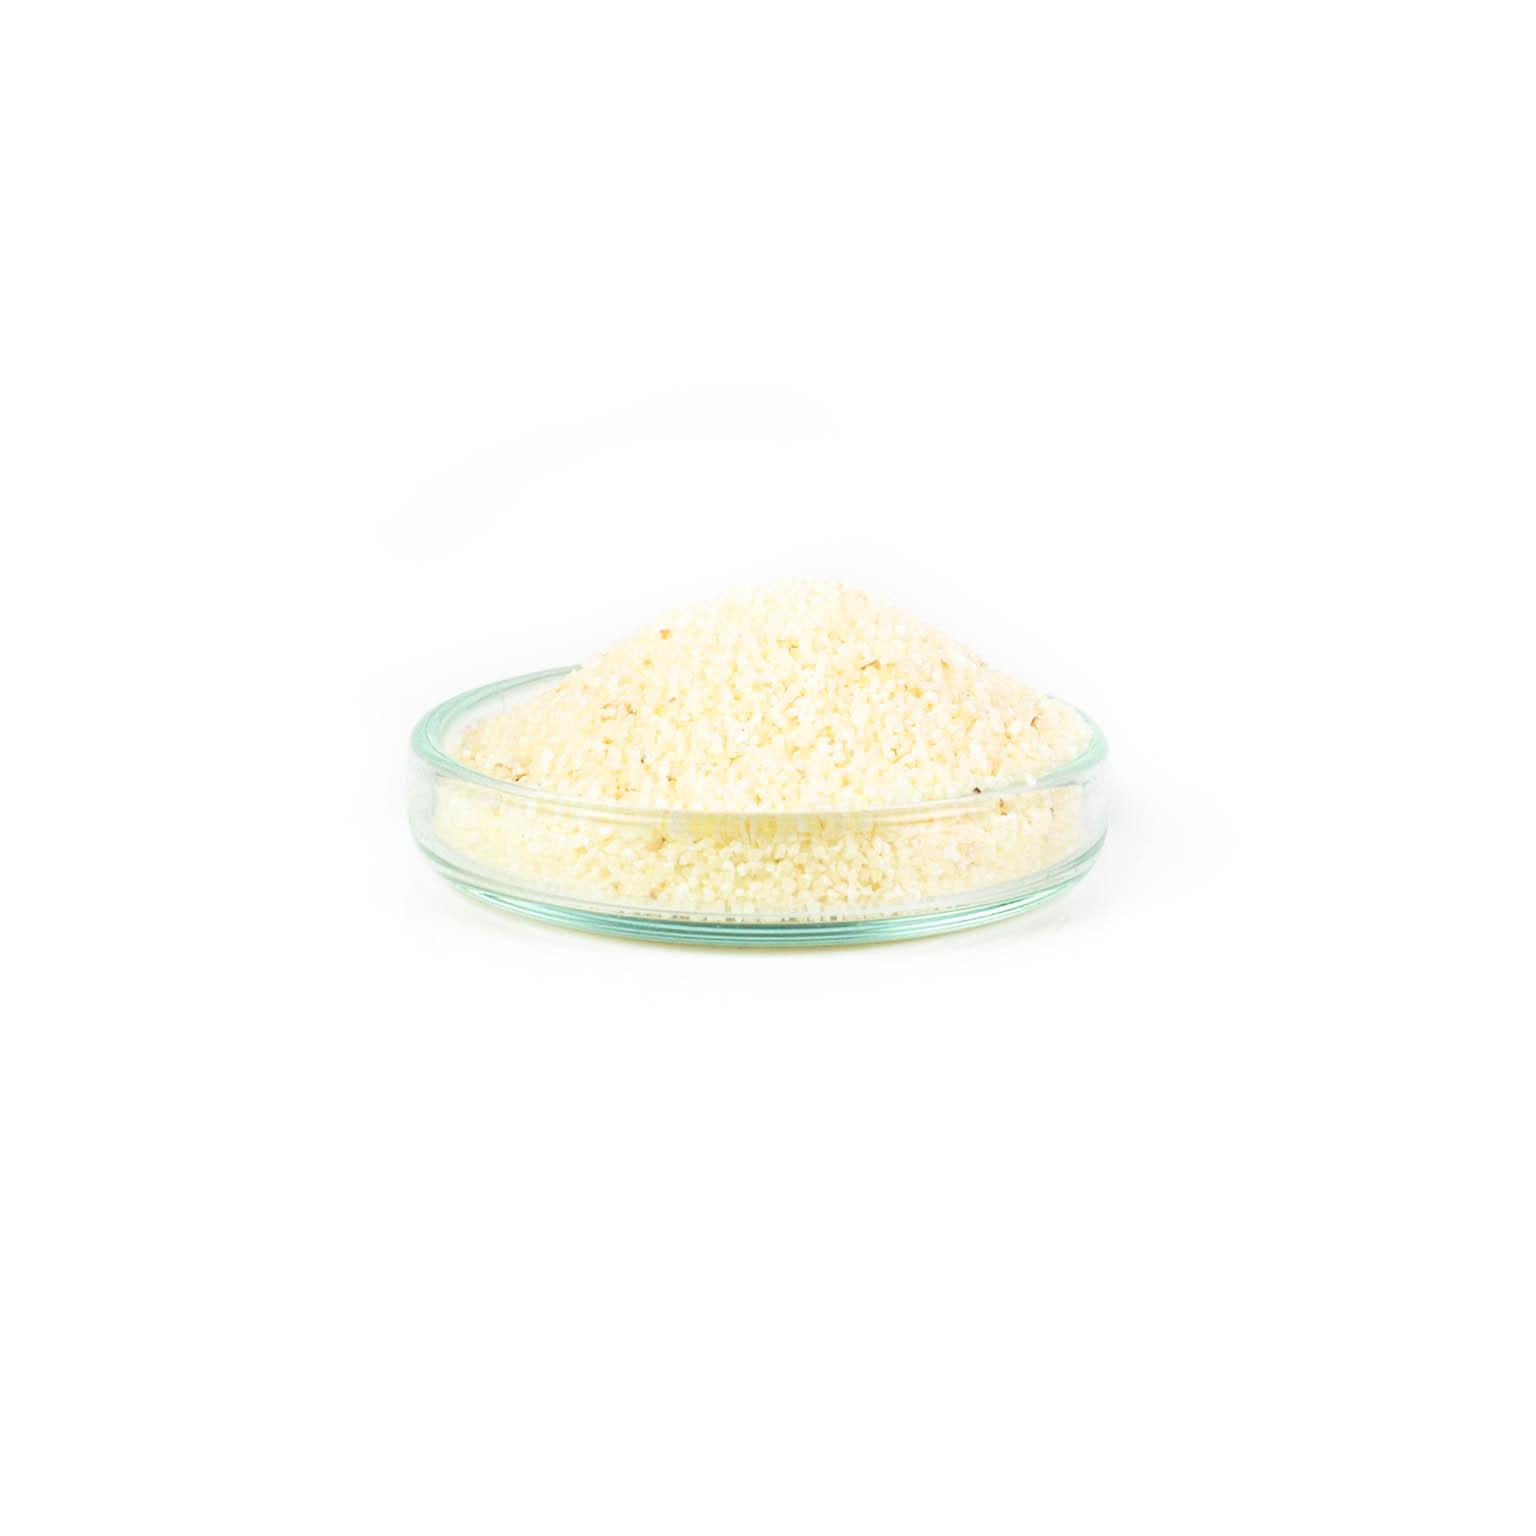 Objemové přísady 500g - Pšeničná krupice